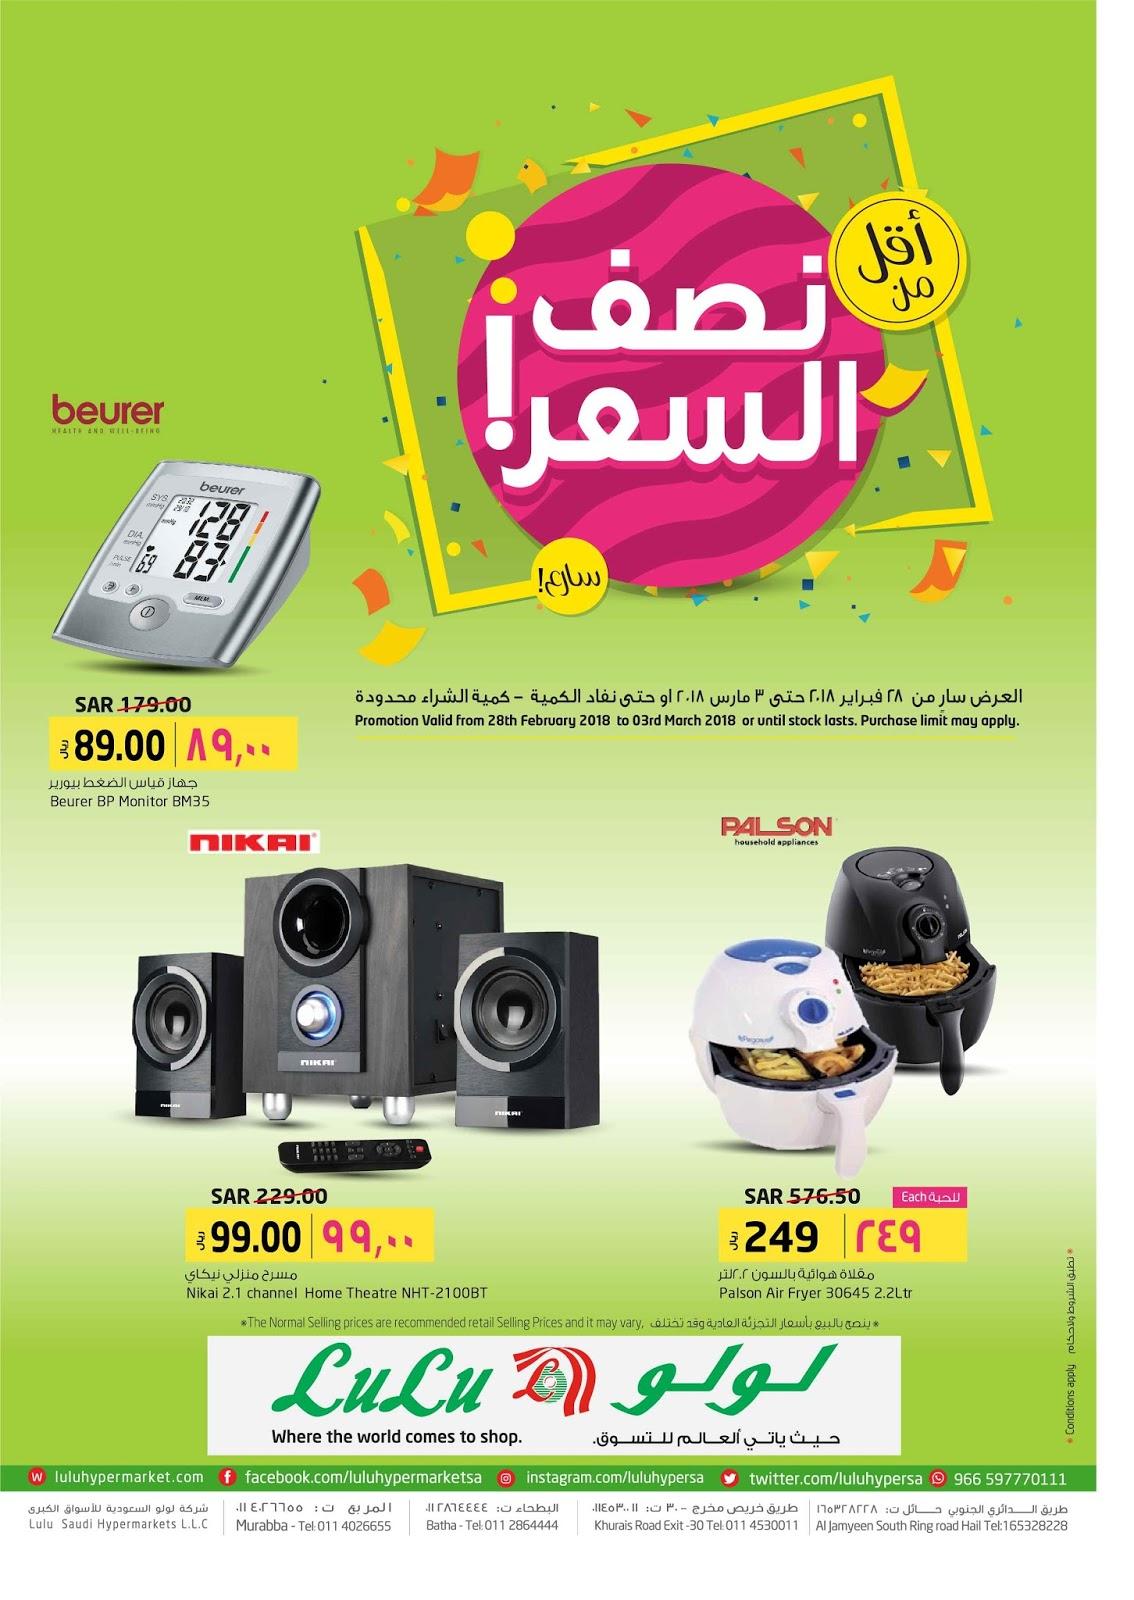 عروض لولو الرياض الاسبوعية من 28 فبراير حتى 3 مارس 2018